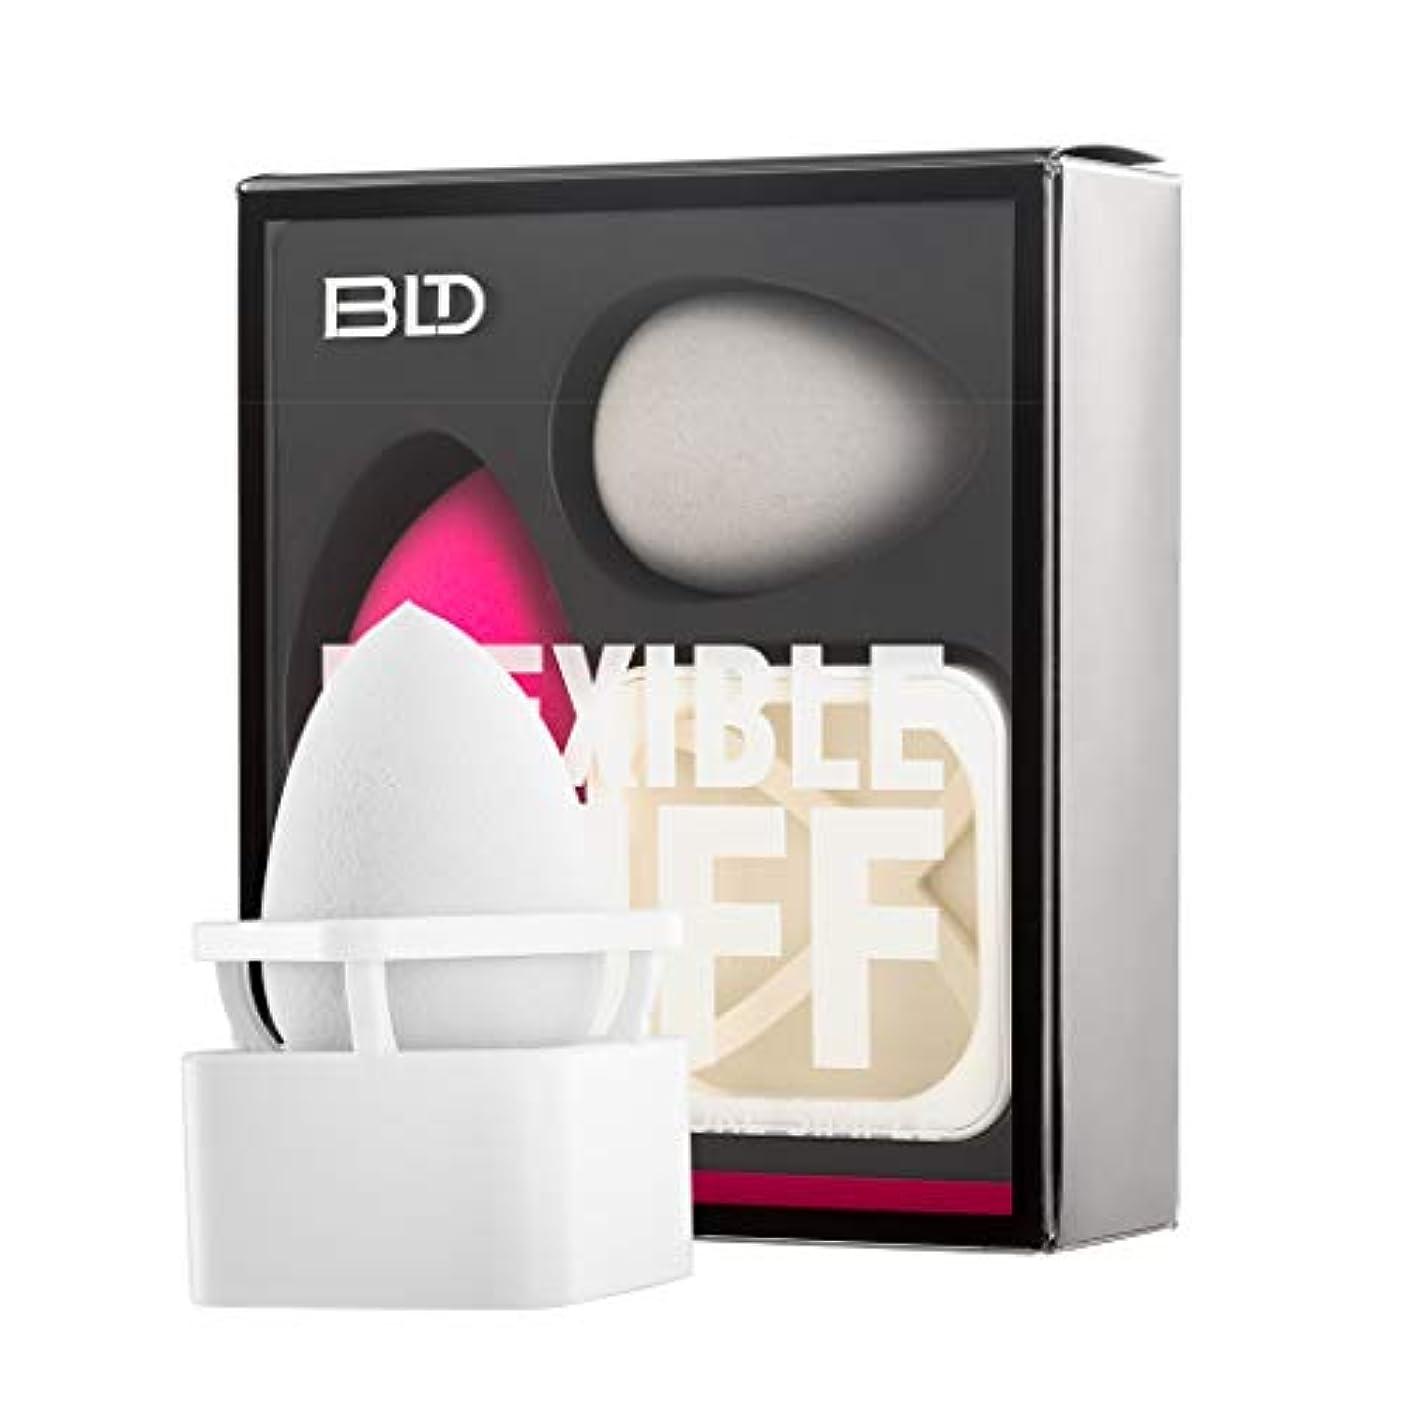 文字通り私たち自身症状BLDスポンジパフ 化粧用スポンジ 化粧ツール 柔軟性 乾湿兼用 ファンデーションを吸わない 斜めカット/しずく型 2個 メイクスポンジ +1個 メイクスポンジホルダー